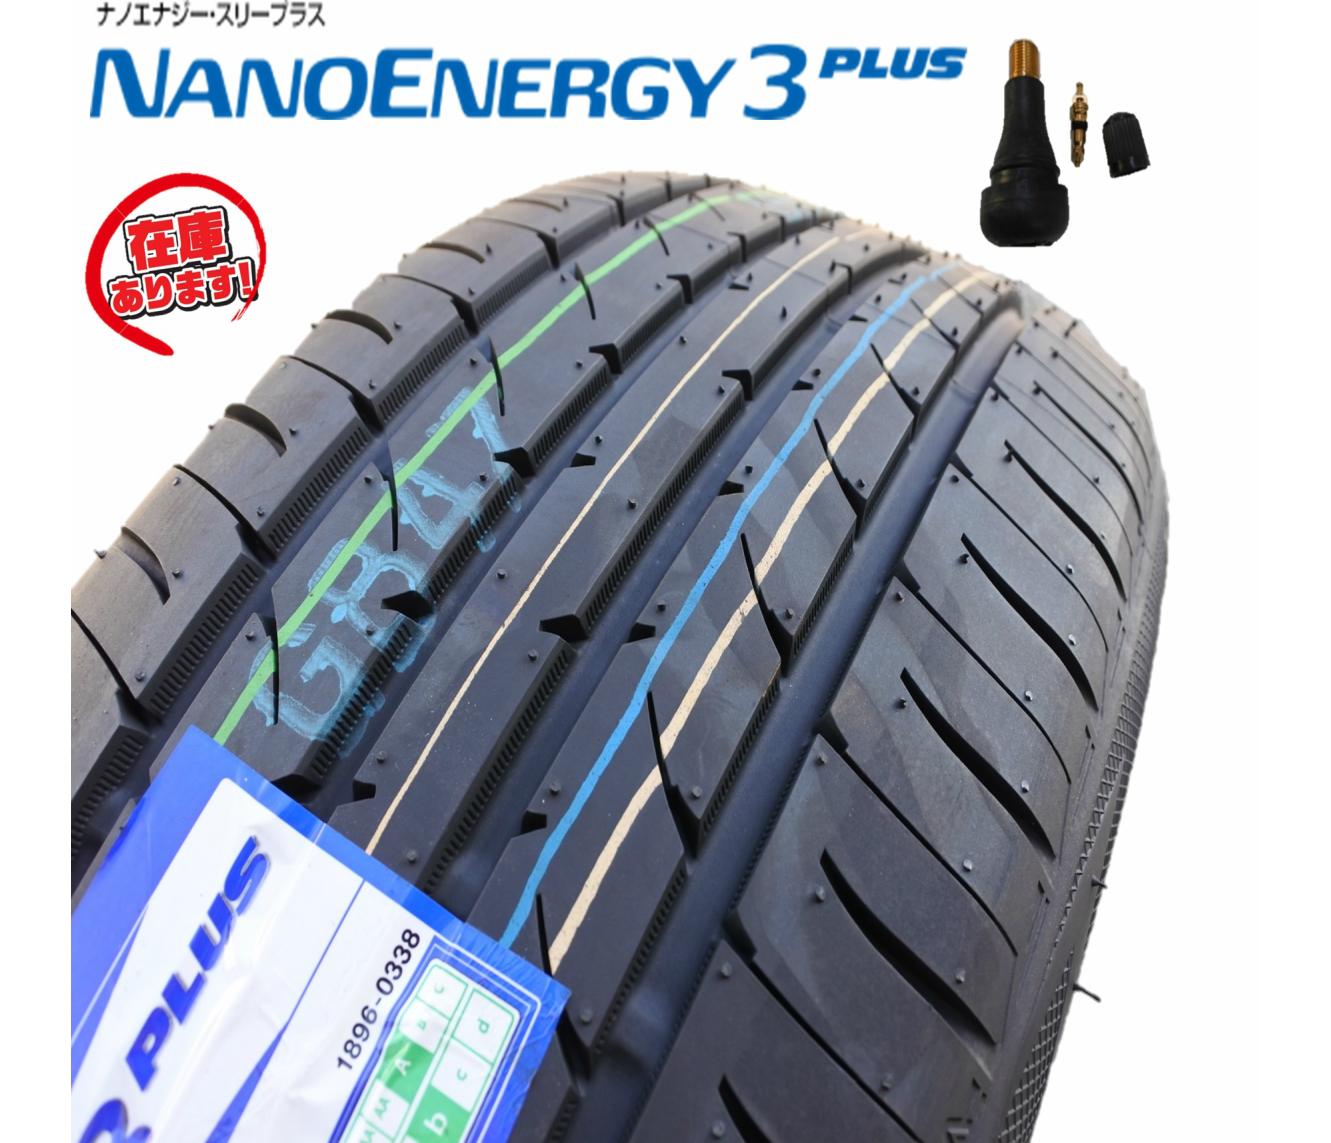 ☆送料無料☆ゴムバルブ付属 トーヨー (TOYO) NANOENERGY3 Plus (ナノエナジー3 Plus) 265/30R19 93W 低燃費タイヤグレード「A-b」サマータイヤ1本